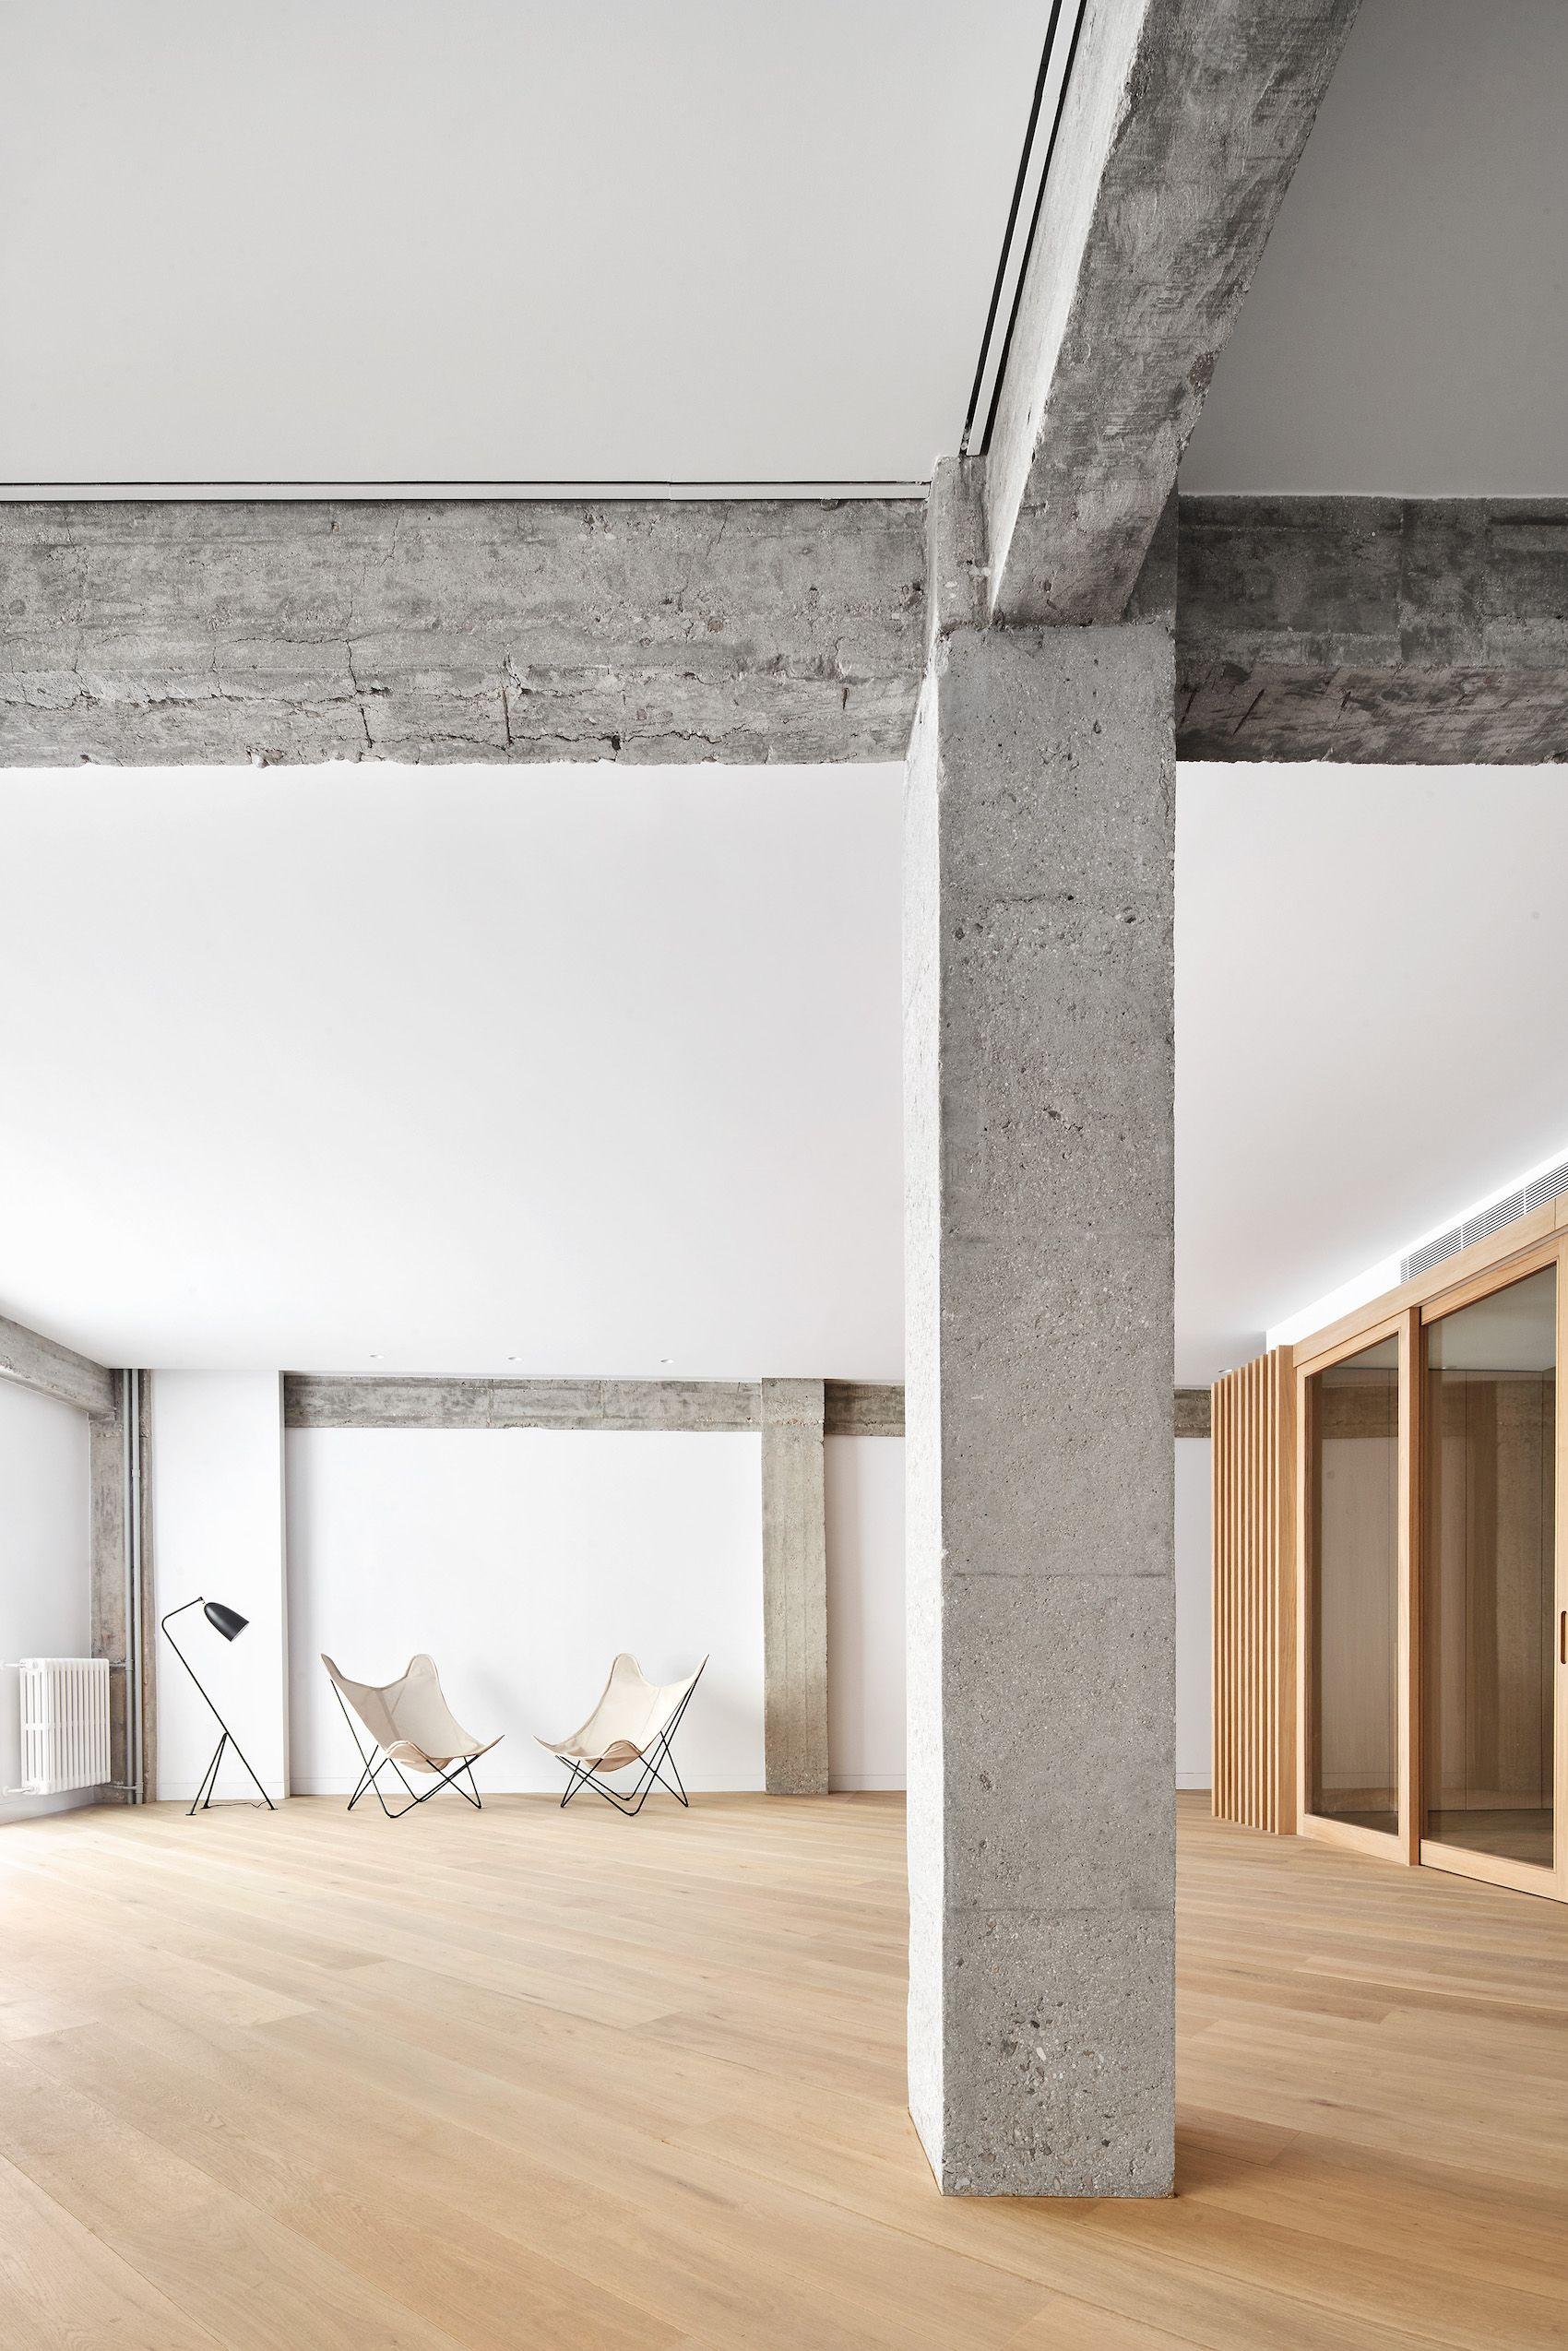 Casa C06 Minimalist Interior Concrete Interiors Wood Architecture